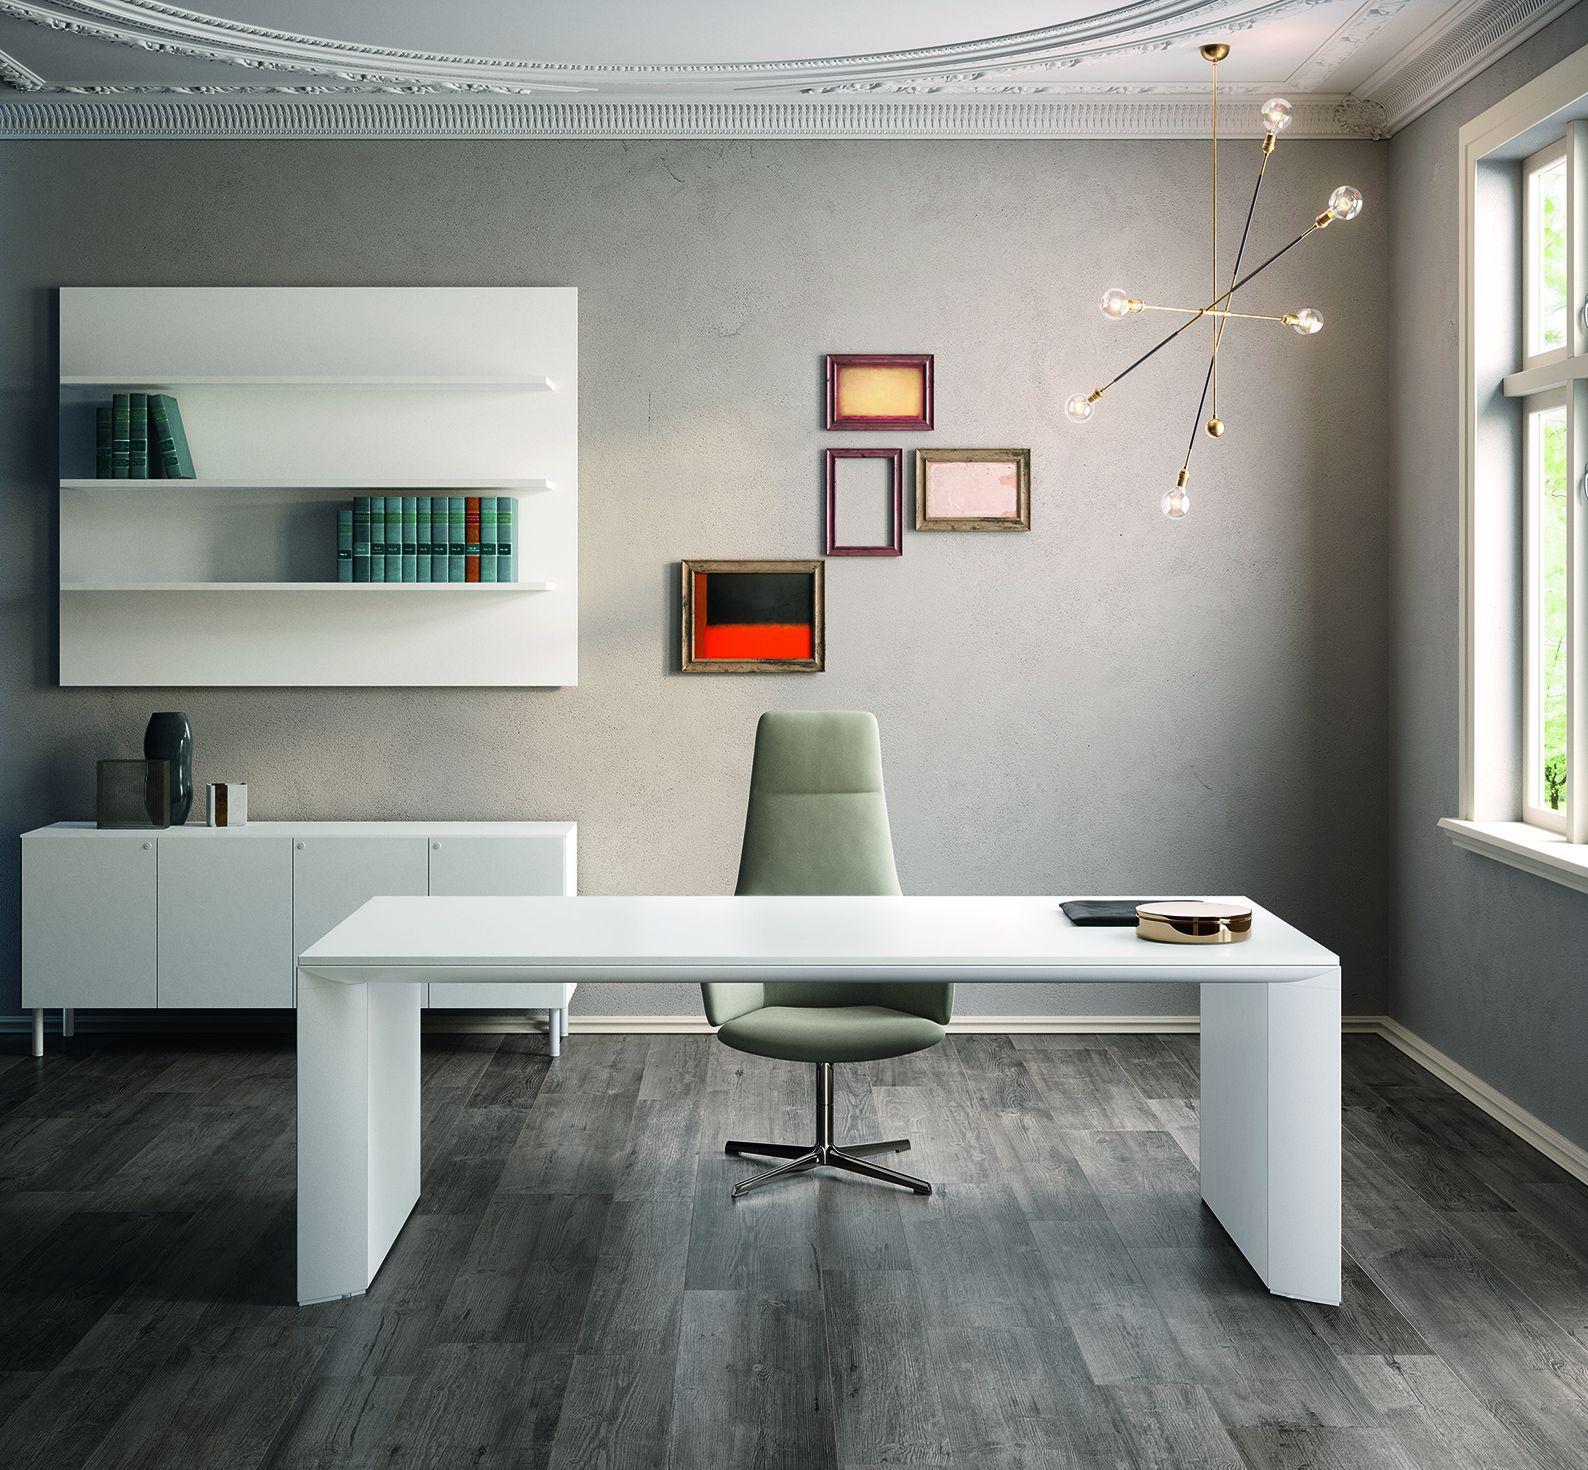 Commercio di mobili per ufficio in palermo , infobel ha elencato 47,599 aziende registrate. Design Ufficio Preventivi E Sconti Per Arredare Il Tuo Lavoro